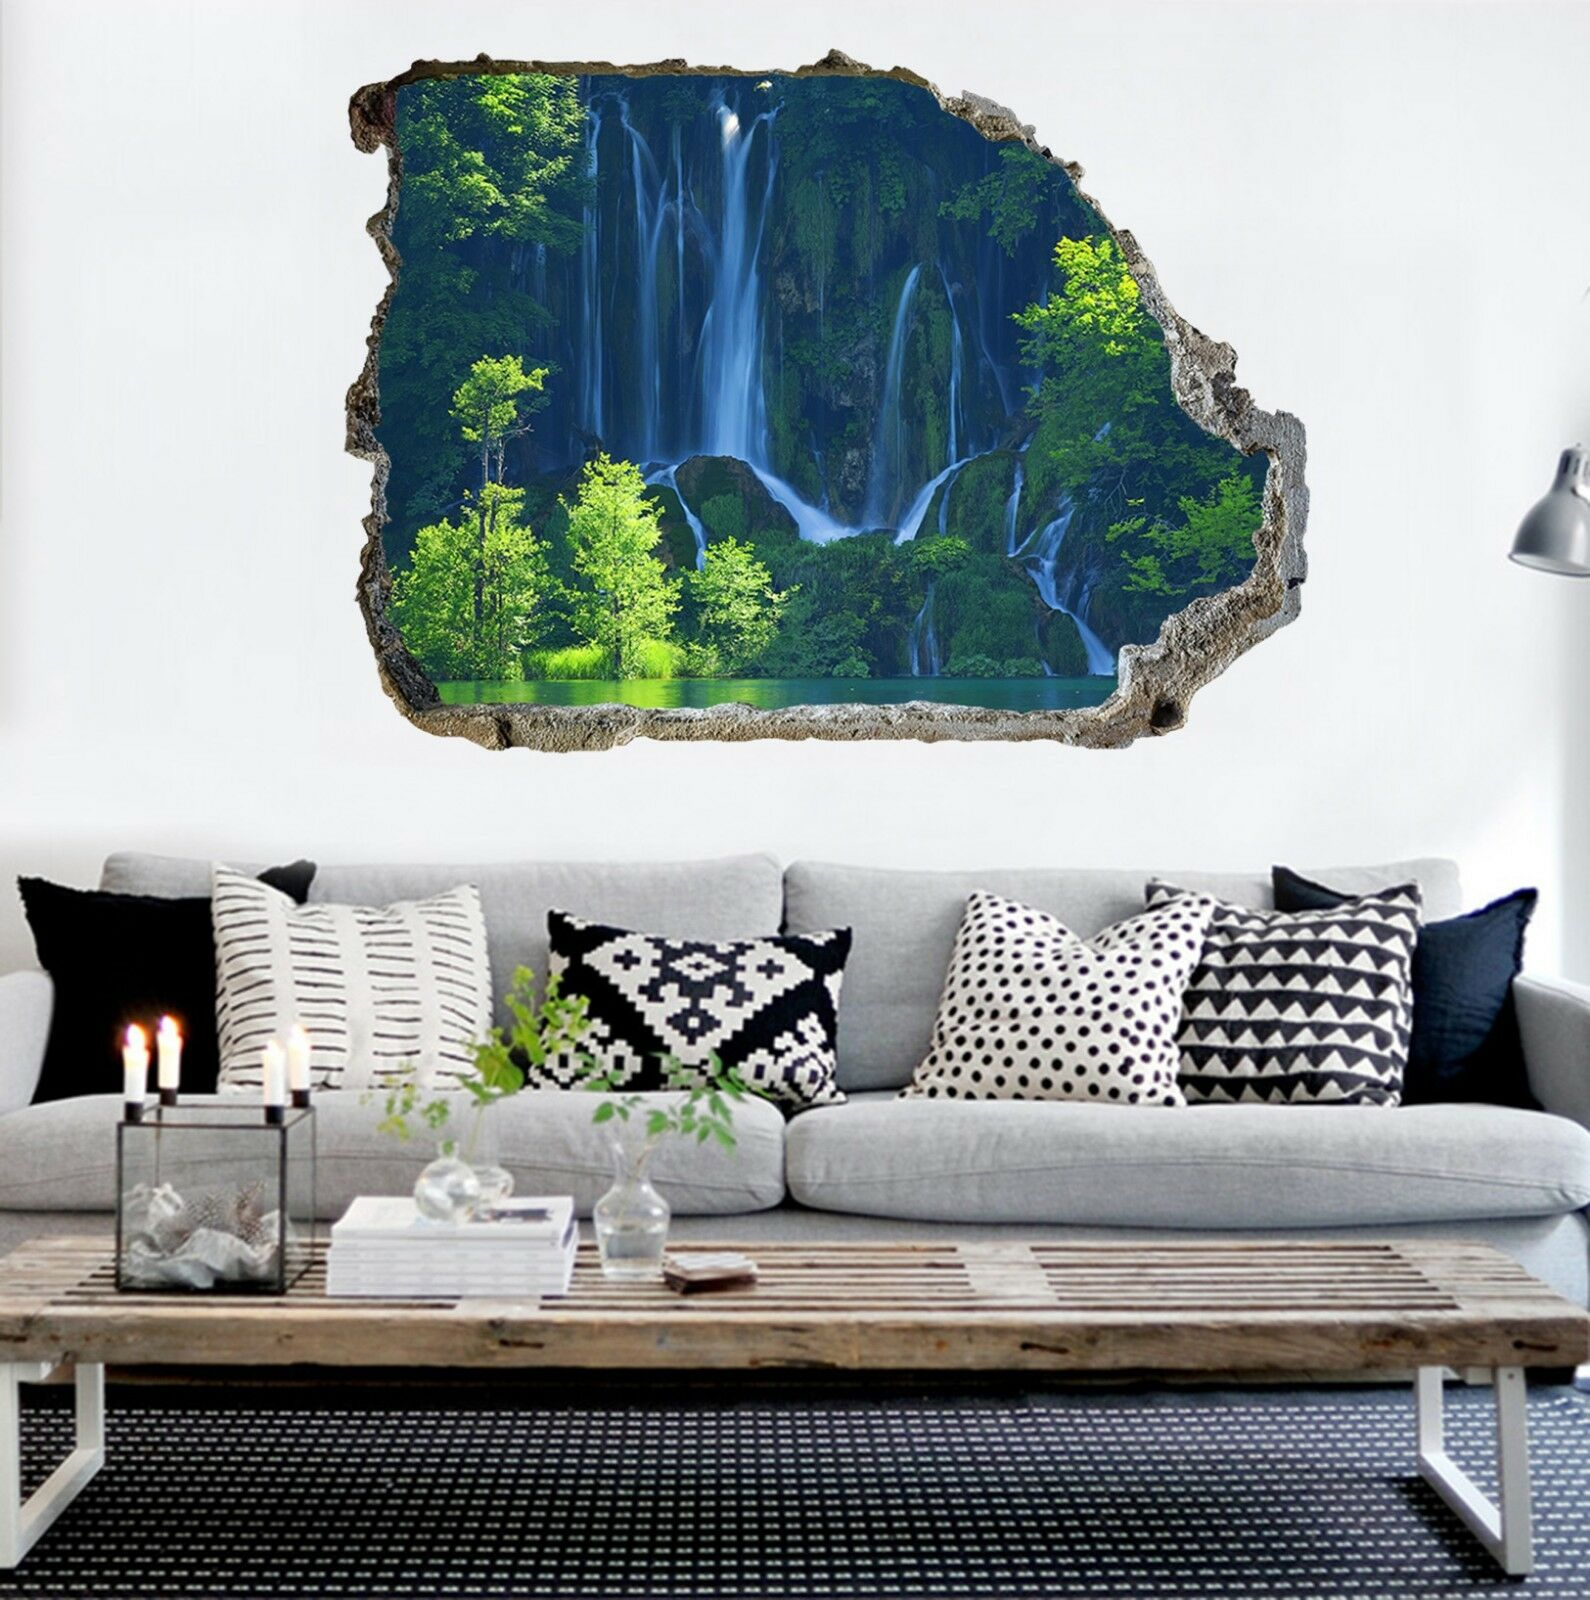 3D Wasserfall 210 Mauer Murals Mauer Aufklebe Decal Durchbruch AJ WALLPAPER DE